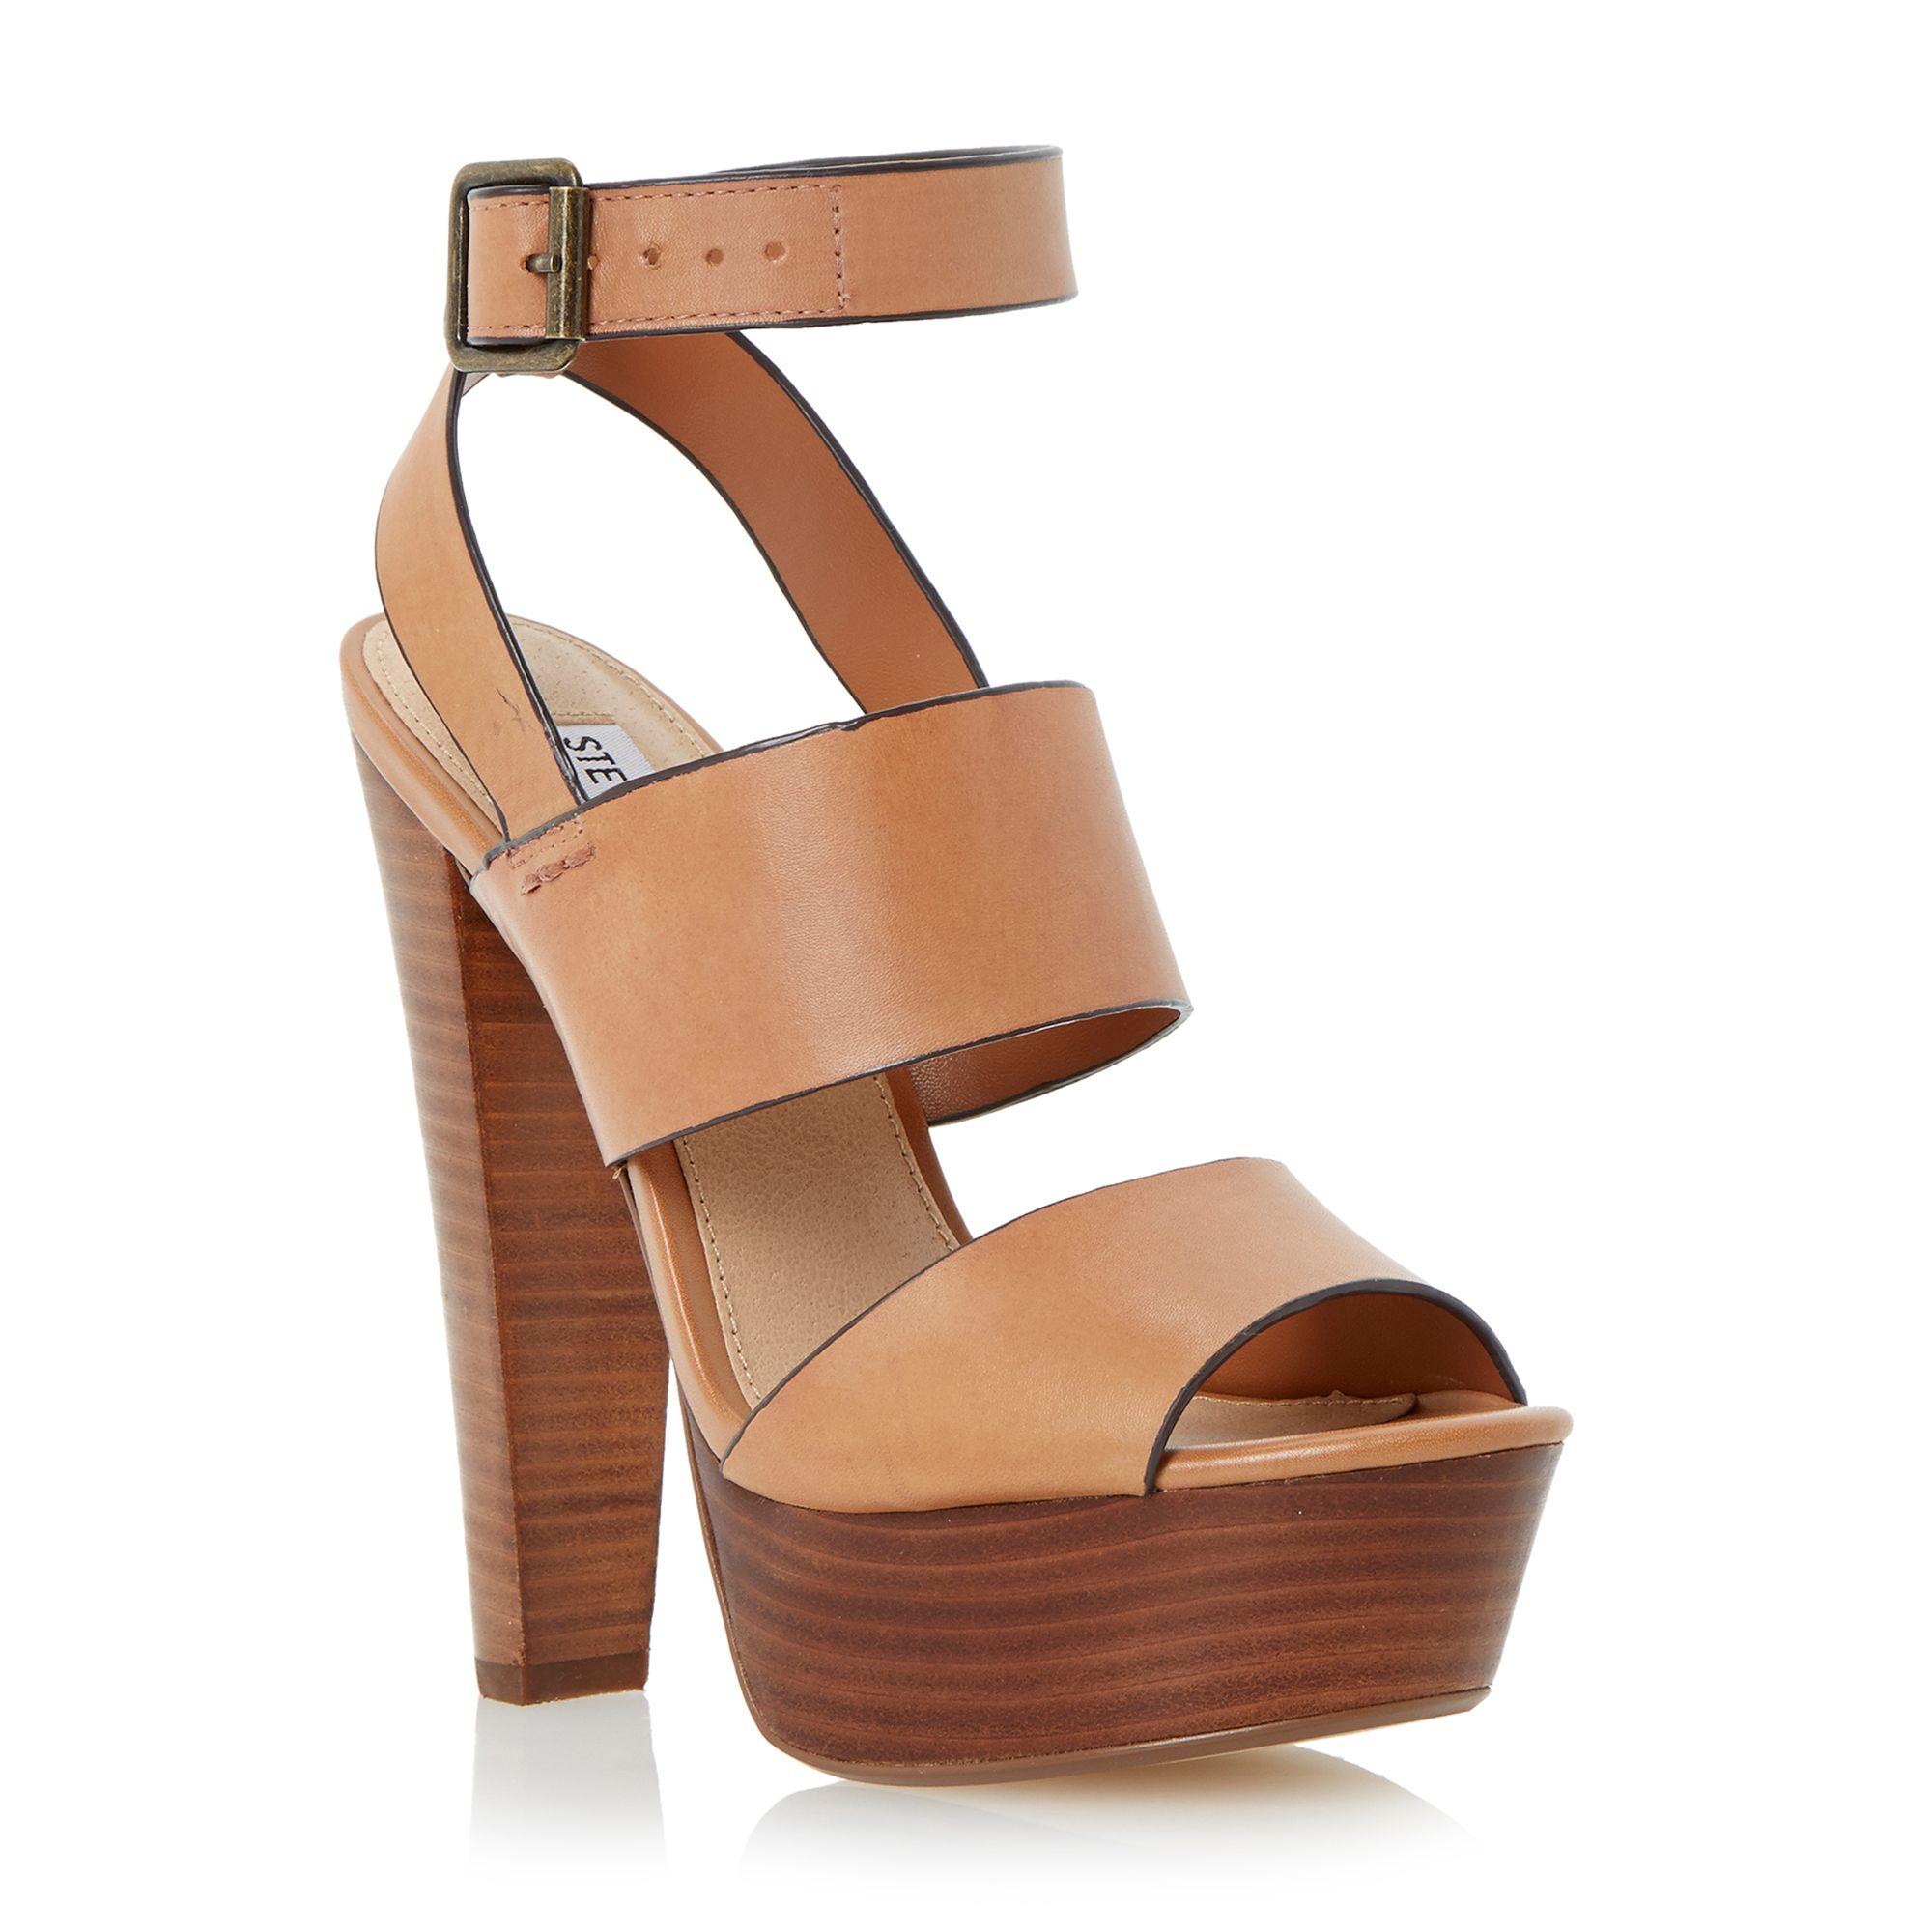 steve madden dezzzy platform heel leather sandals in brown. Black Bedroom Furniture Sets. Home Design Ideas